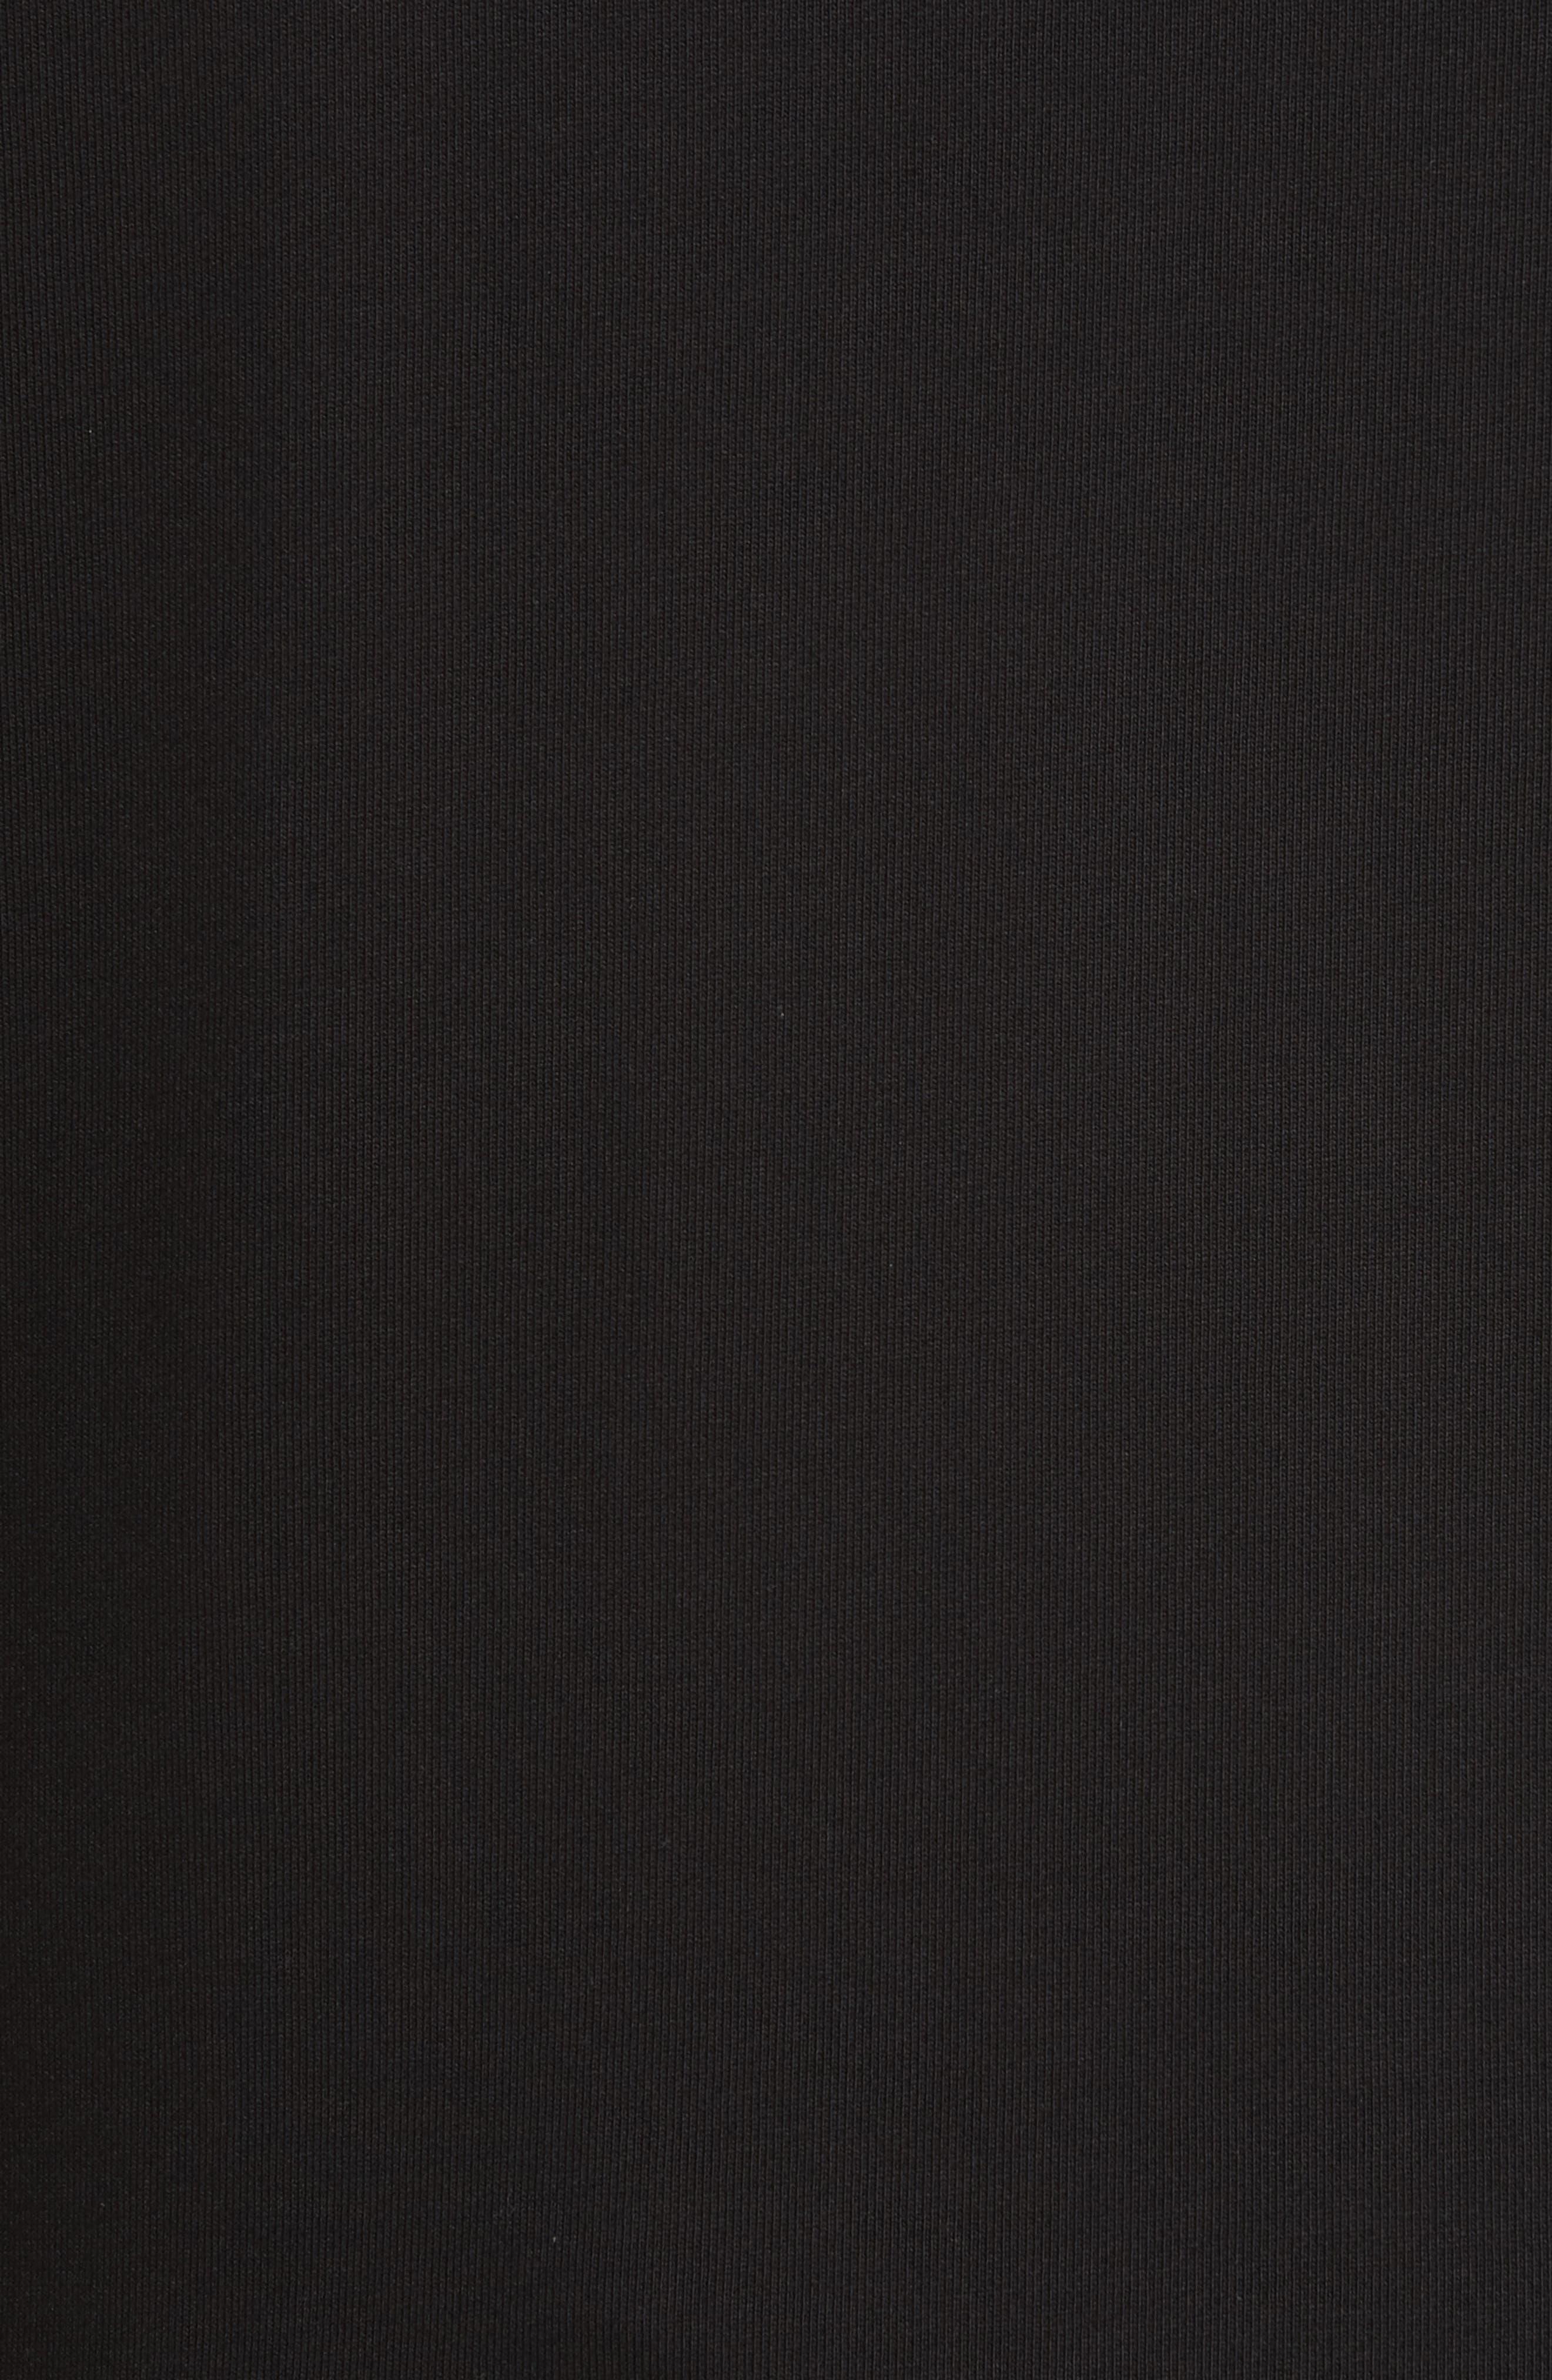 Zip Hoodie,                             Alternate thumbnail 5, color,                             BLACK/ LIME